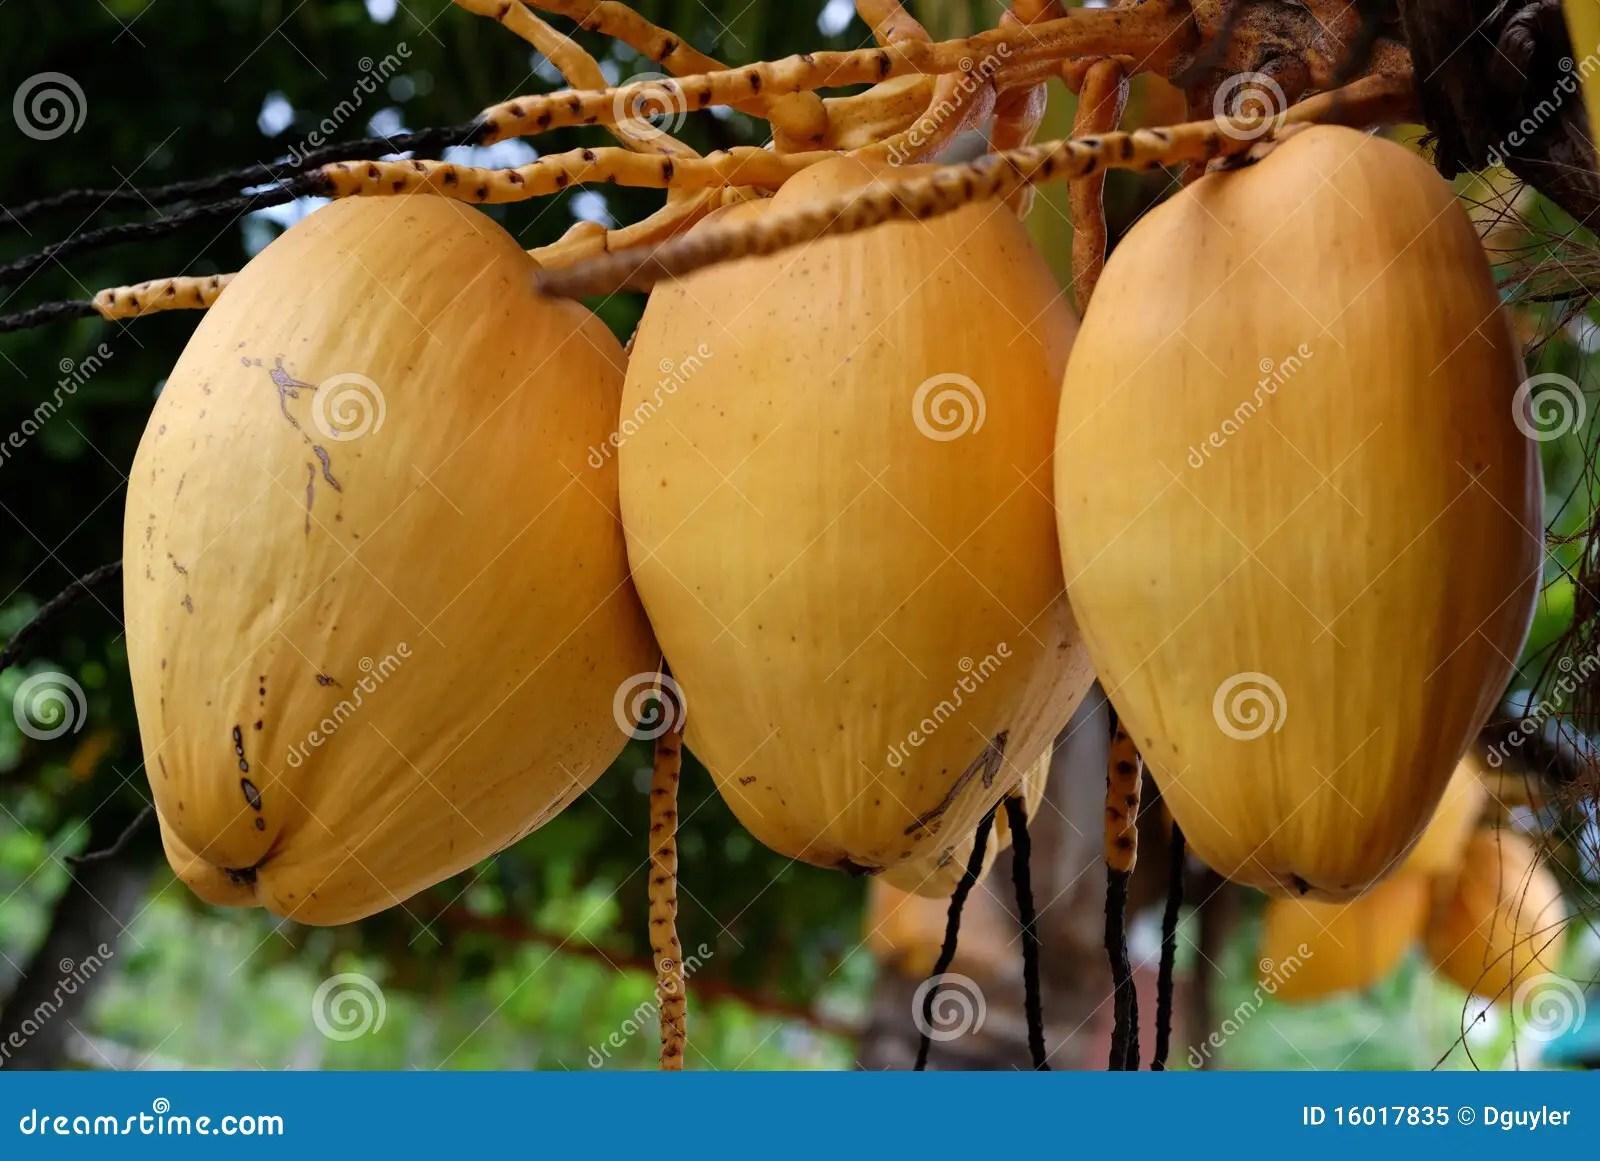 What Fruit Fresh Bunch